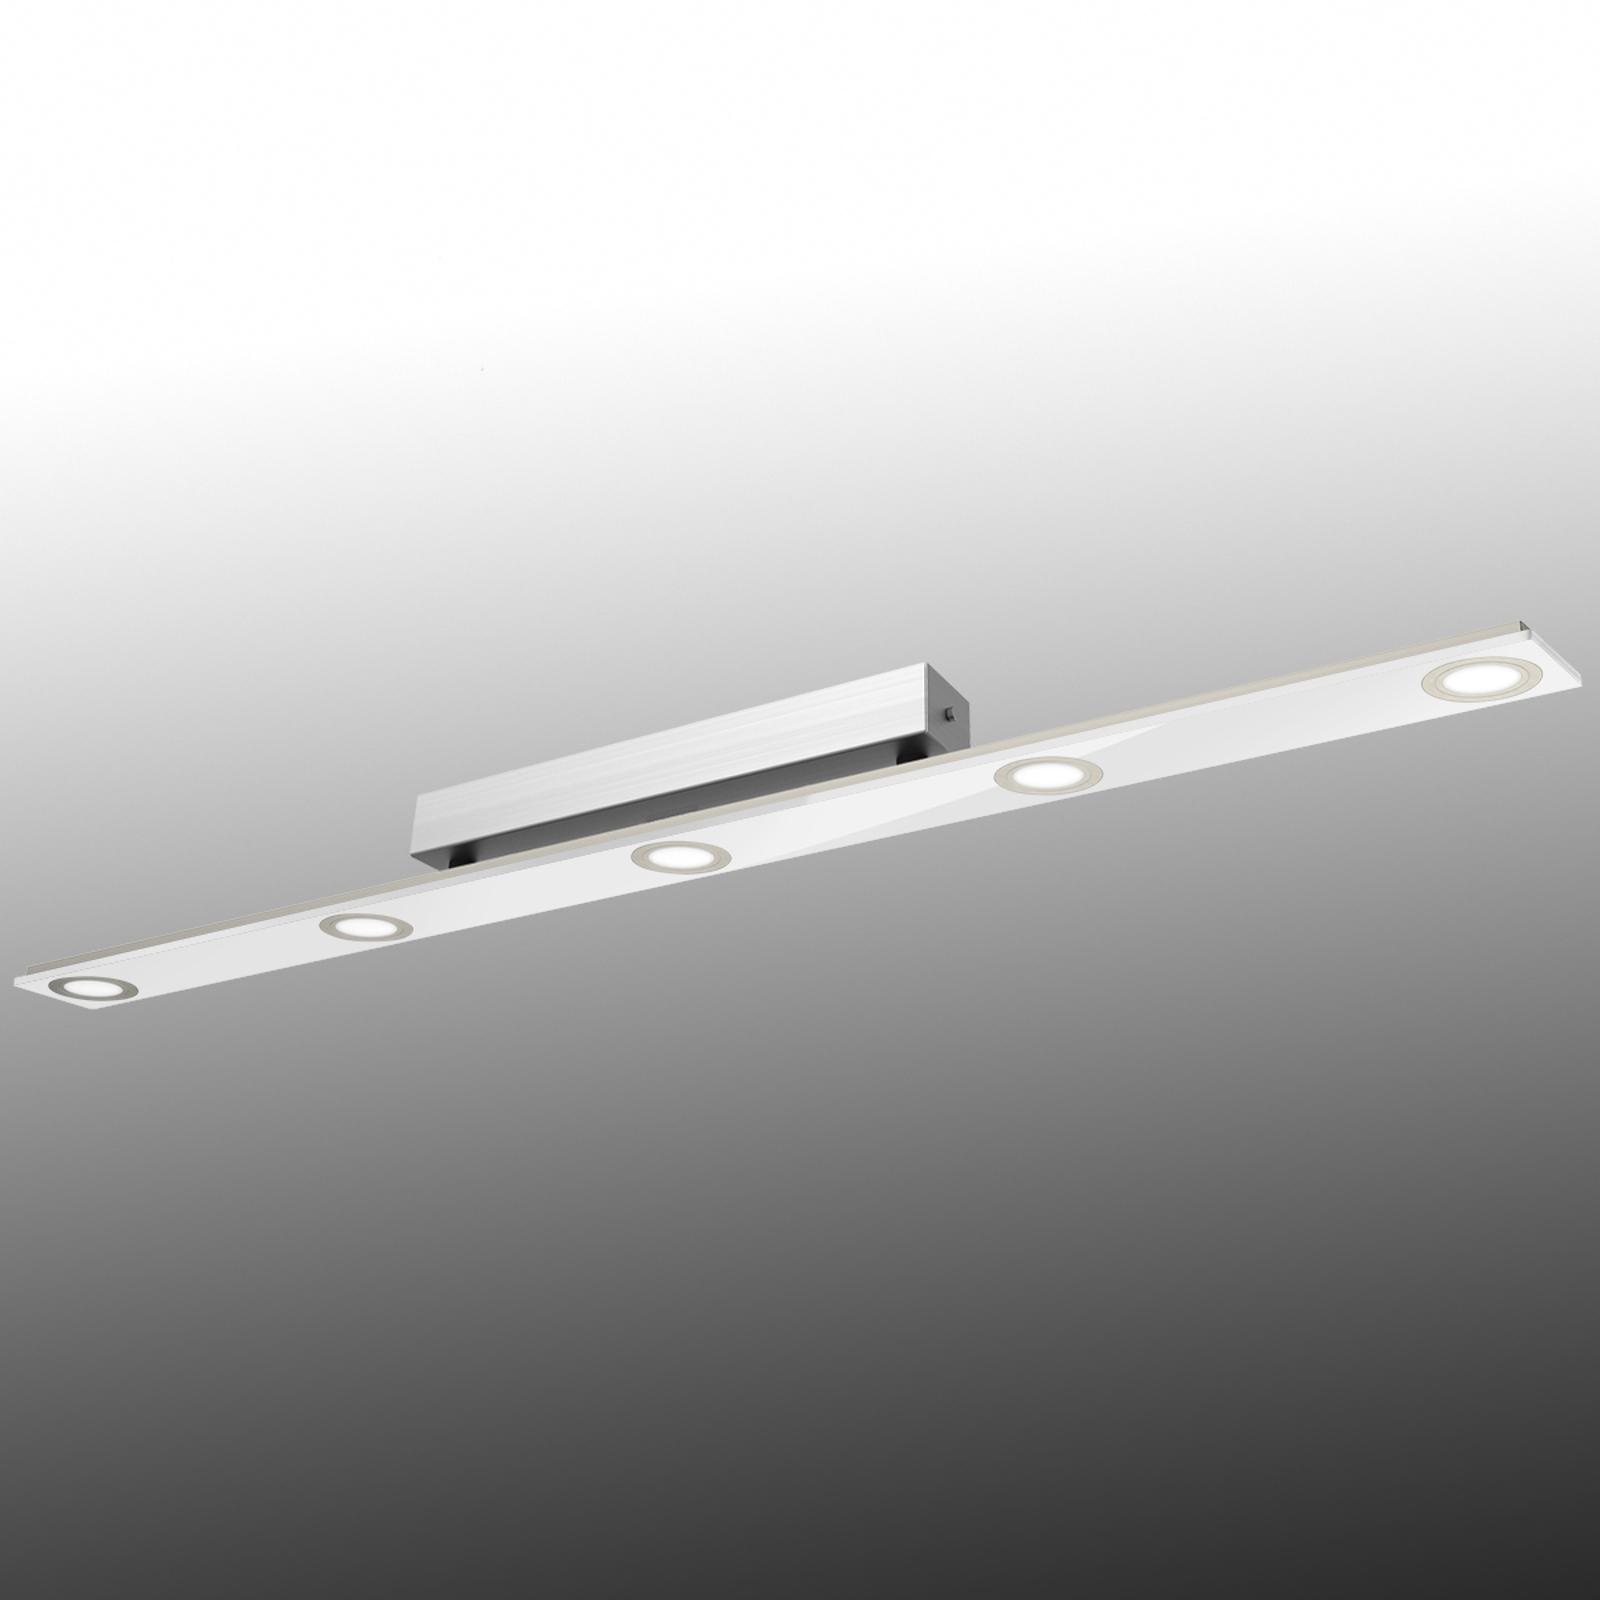 Längliche LED-Deckenlampe Pano, weiß